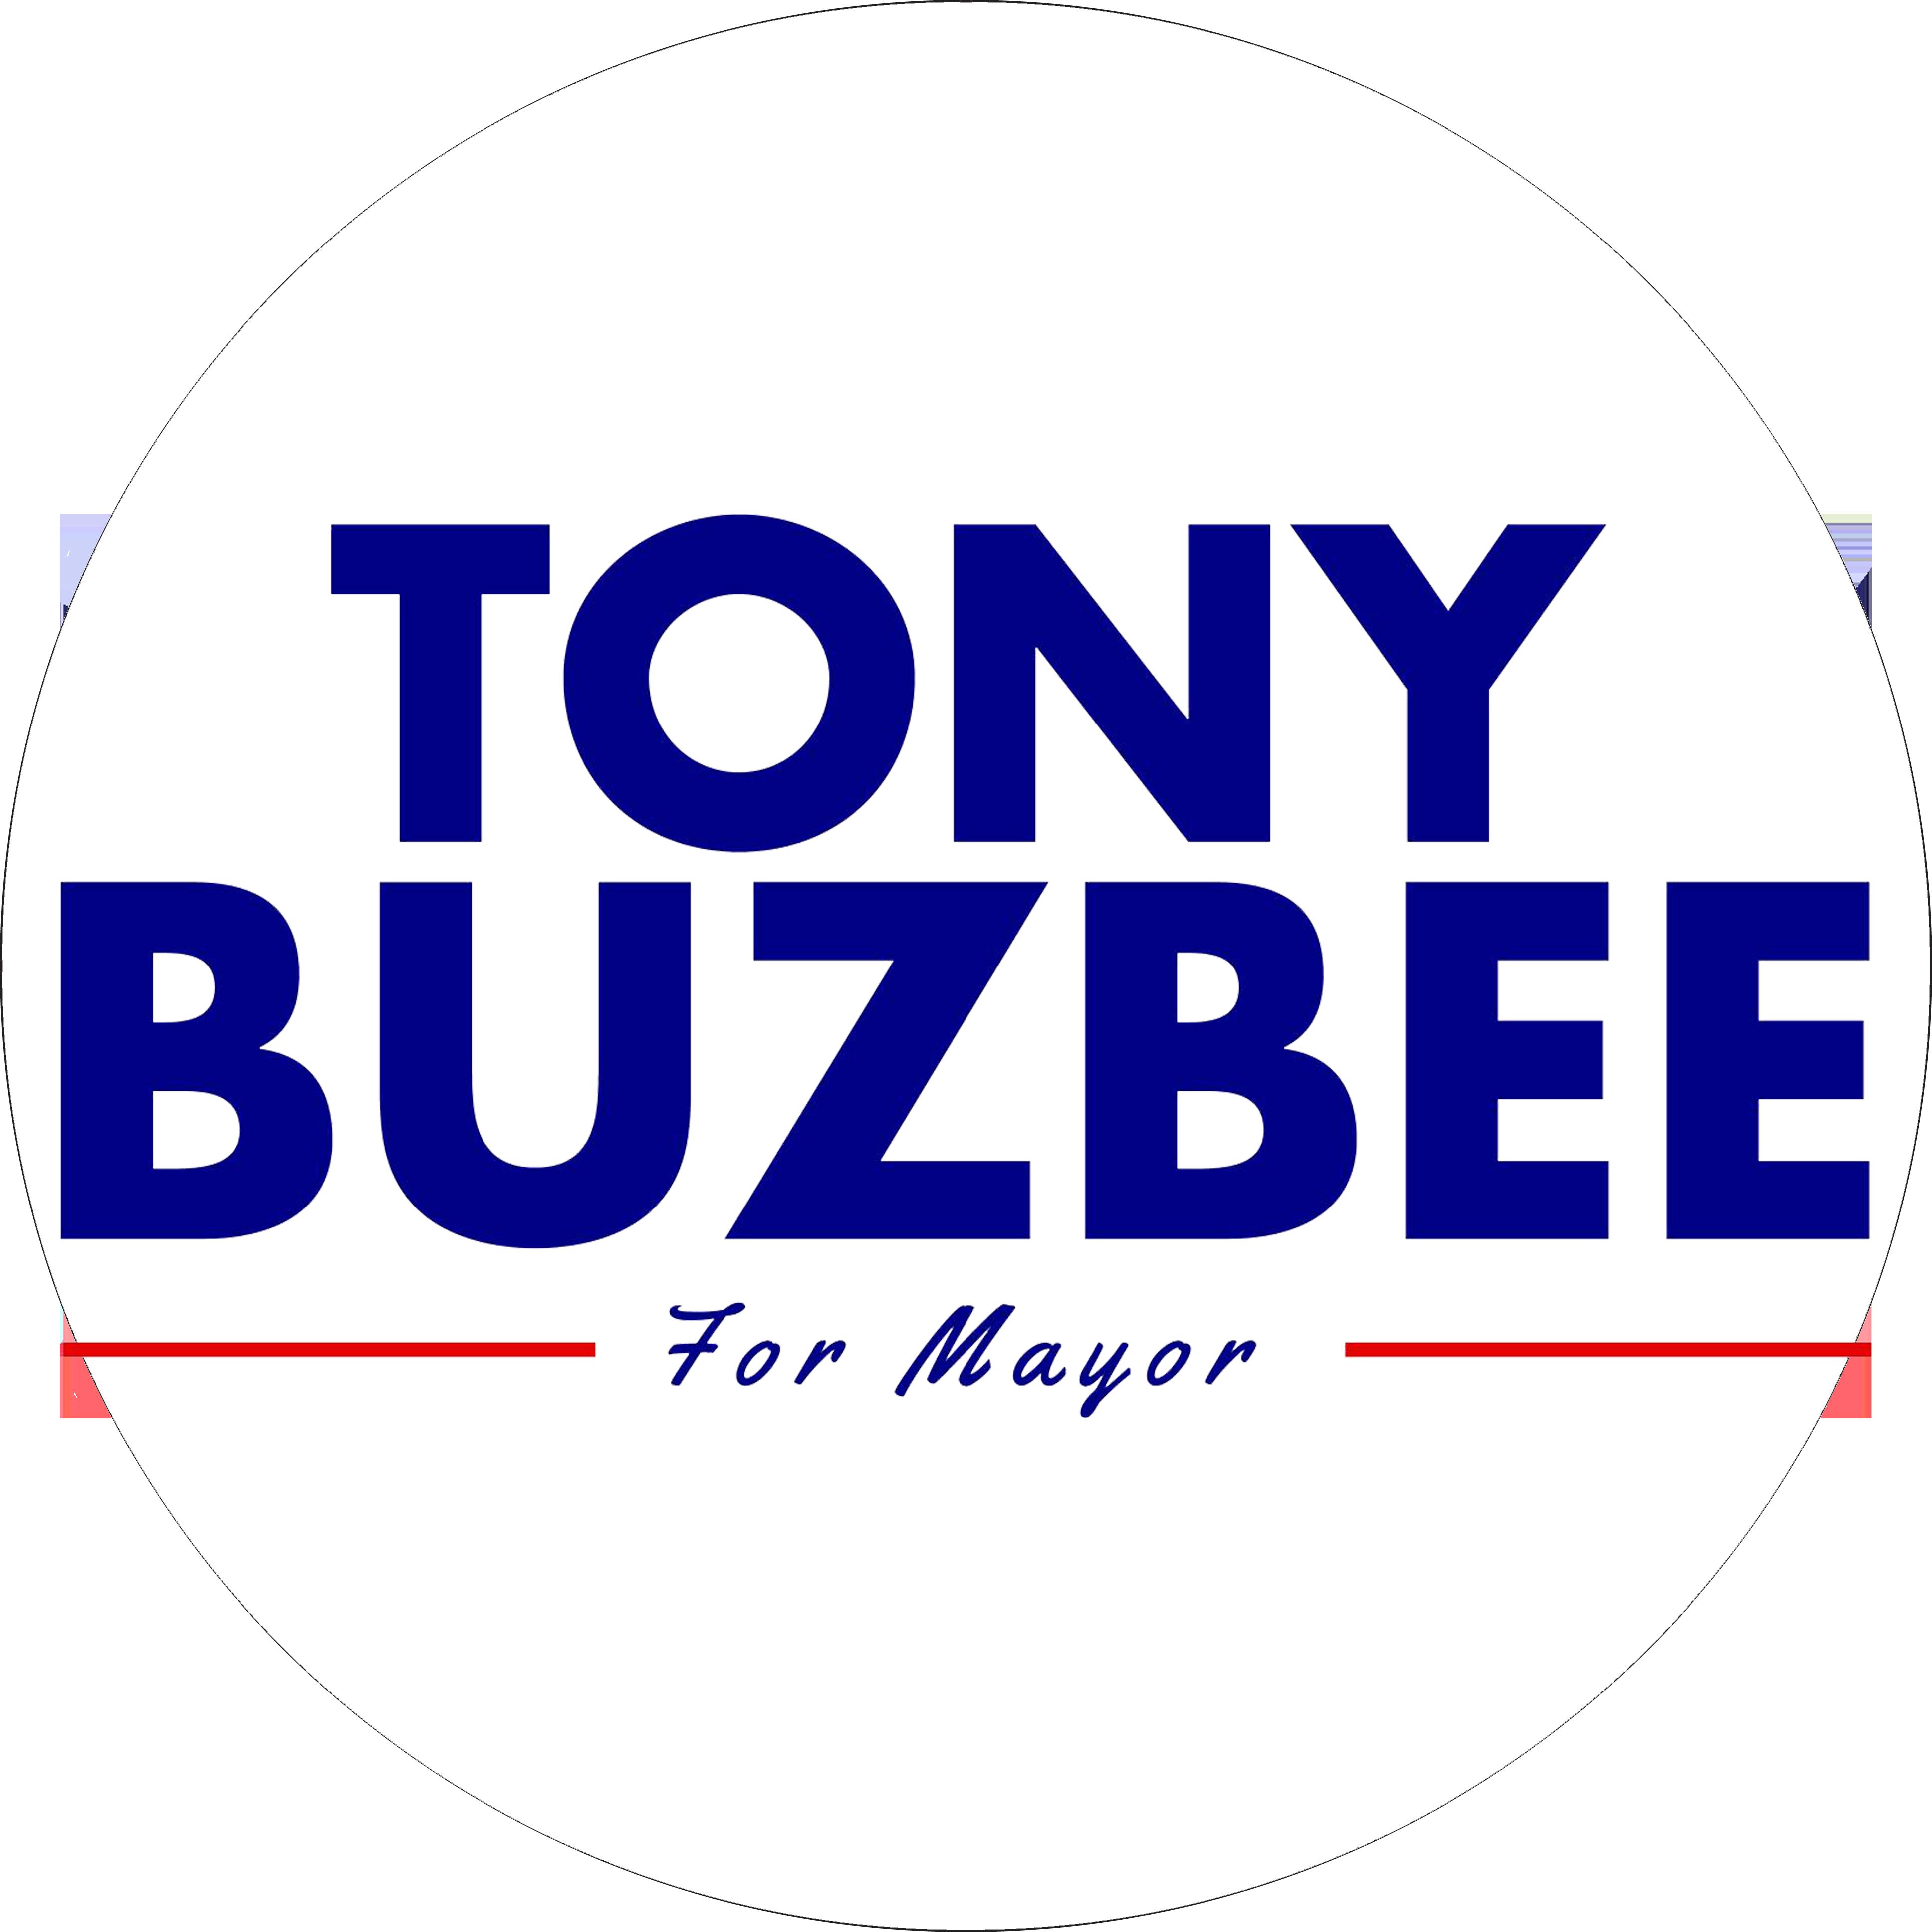 buzbee